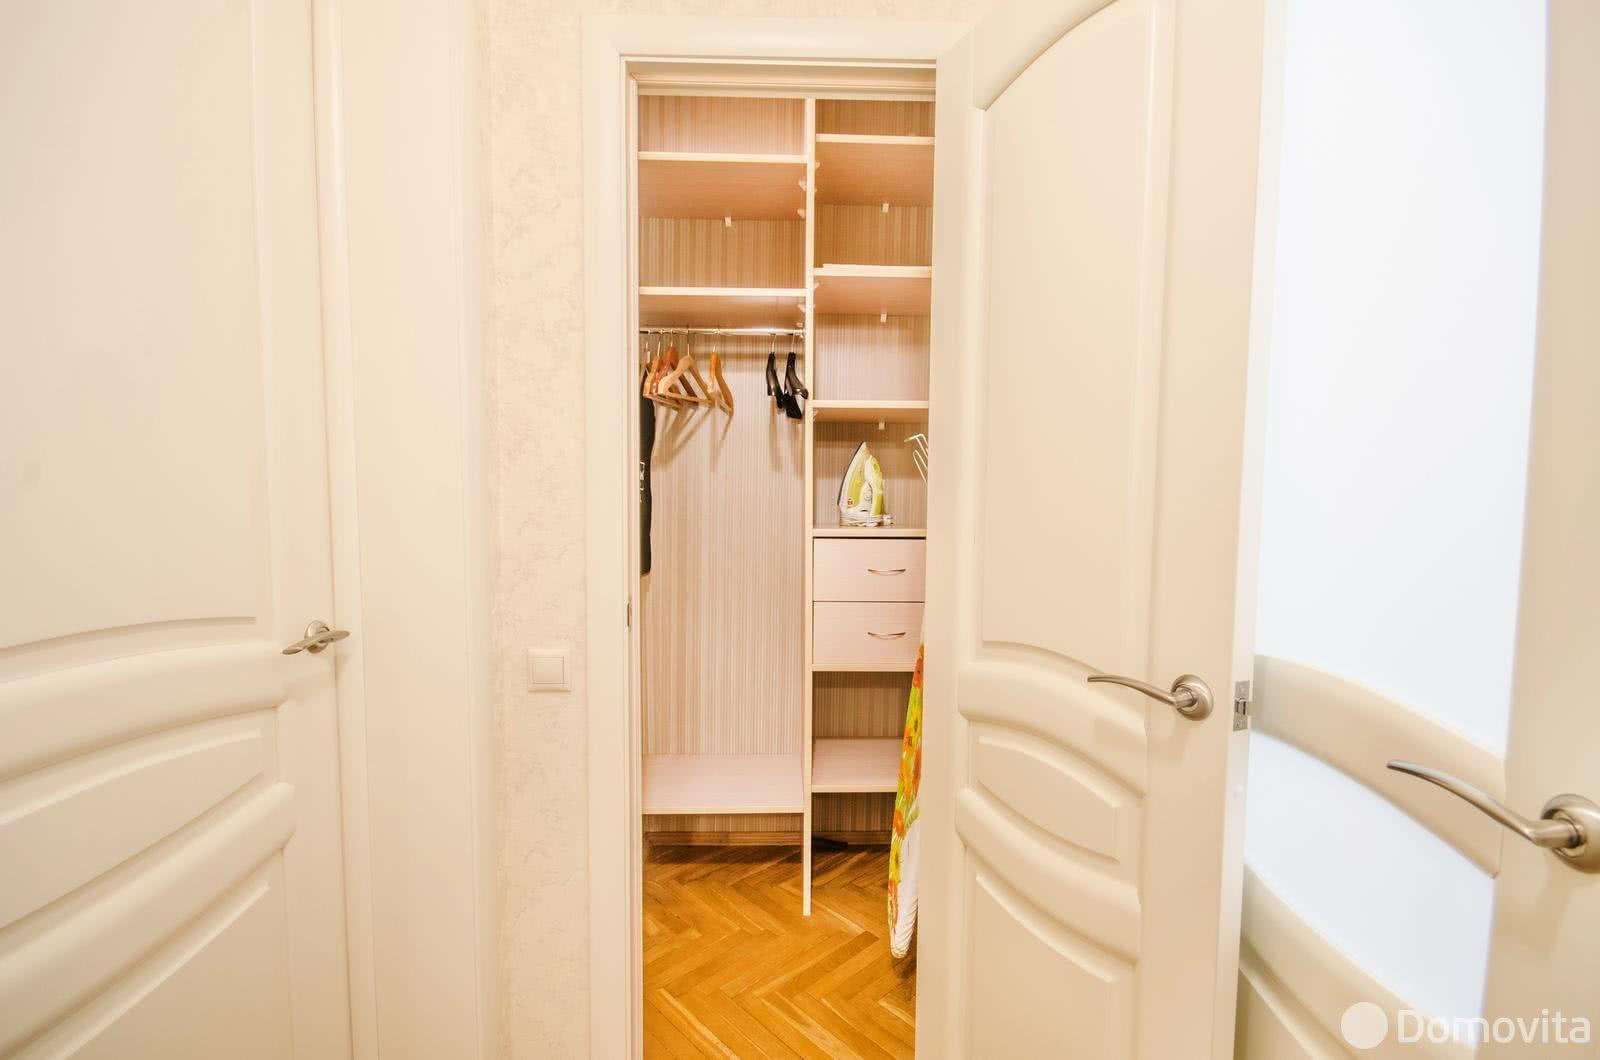 Аренда 2-комнатной квартиры на сутки в Минске, ул. Янки Купалы, д. 11 - фото 5